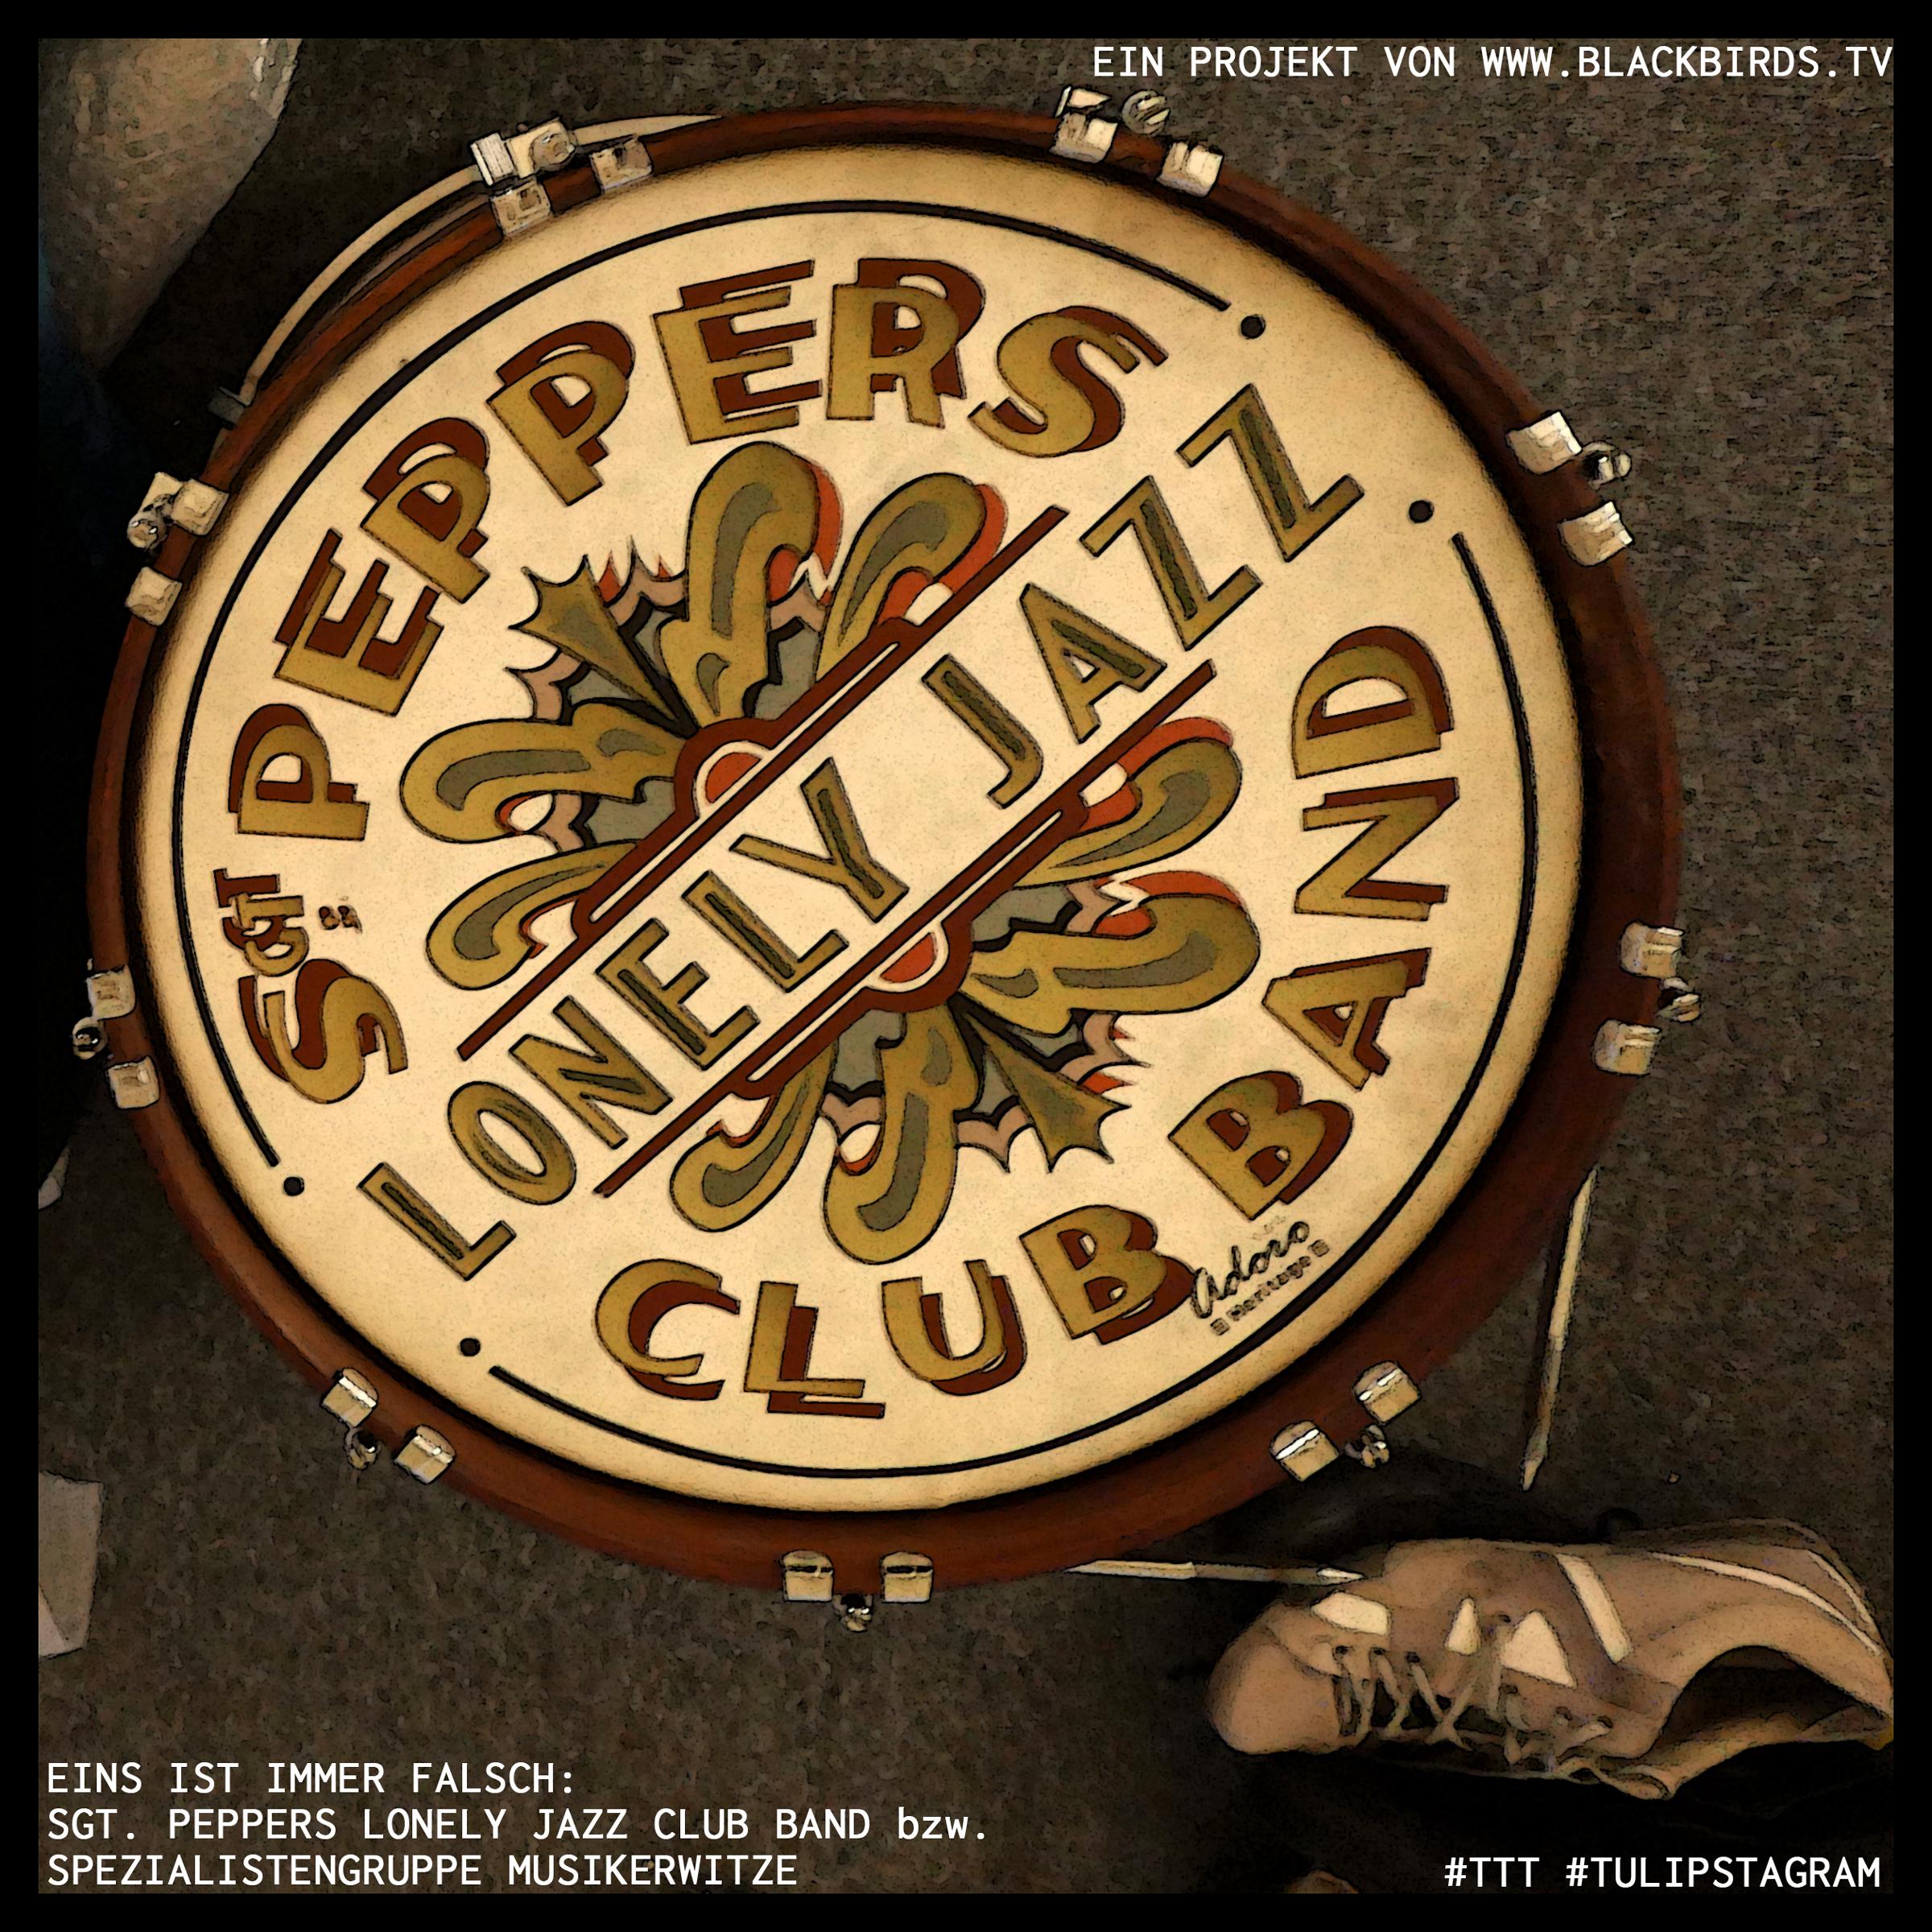 Eins ist immer falsch: Sgt. Peppers Lonely Jazz Club Band bzw. Spezialistengruppe Musikerwitze (Facebook) #TTT #Tulipstagram